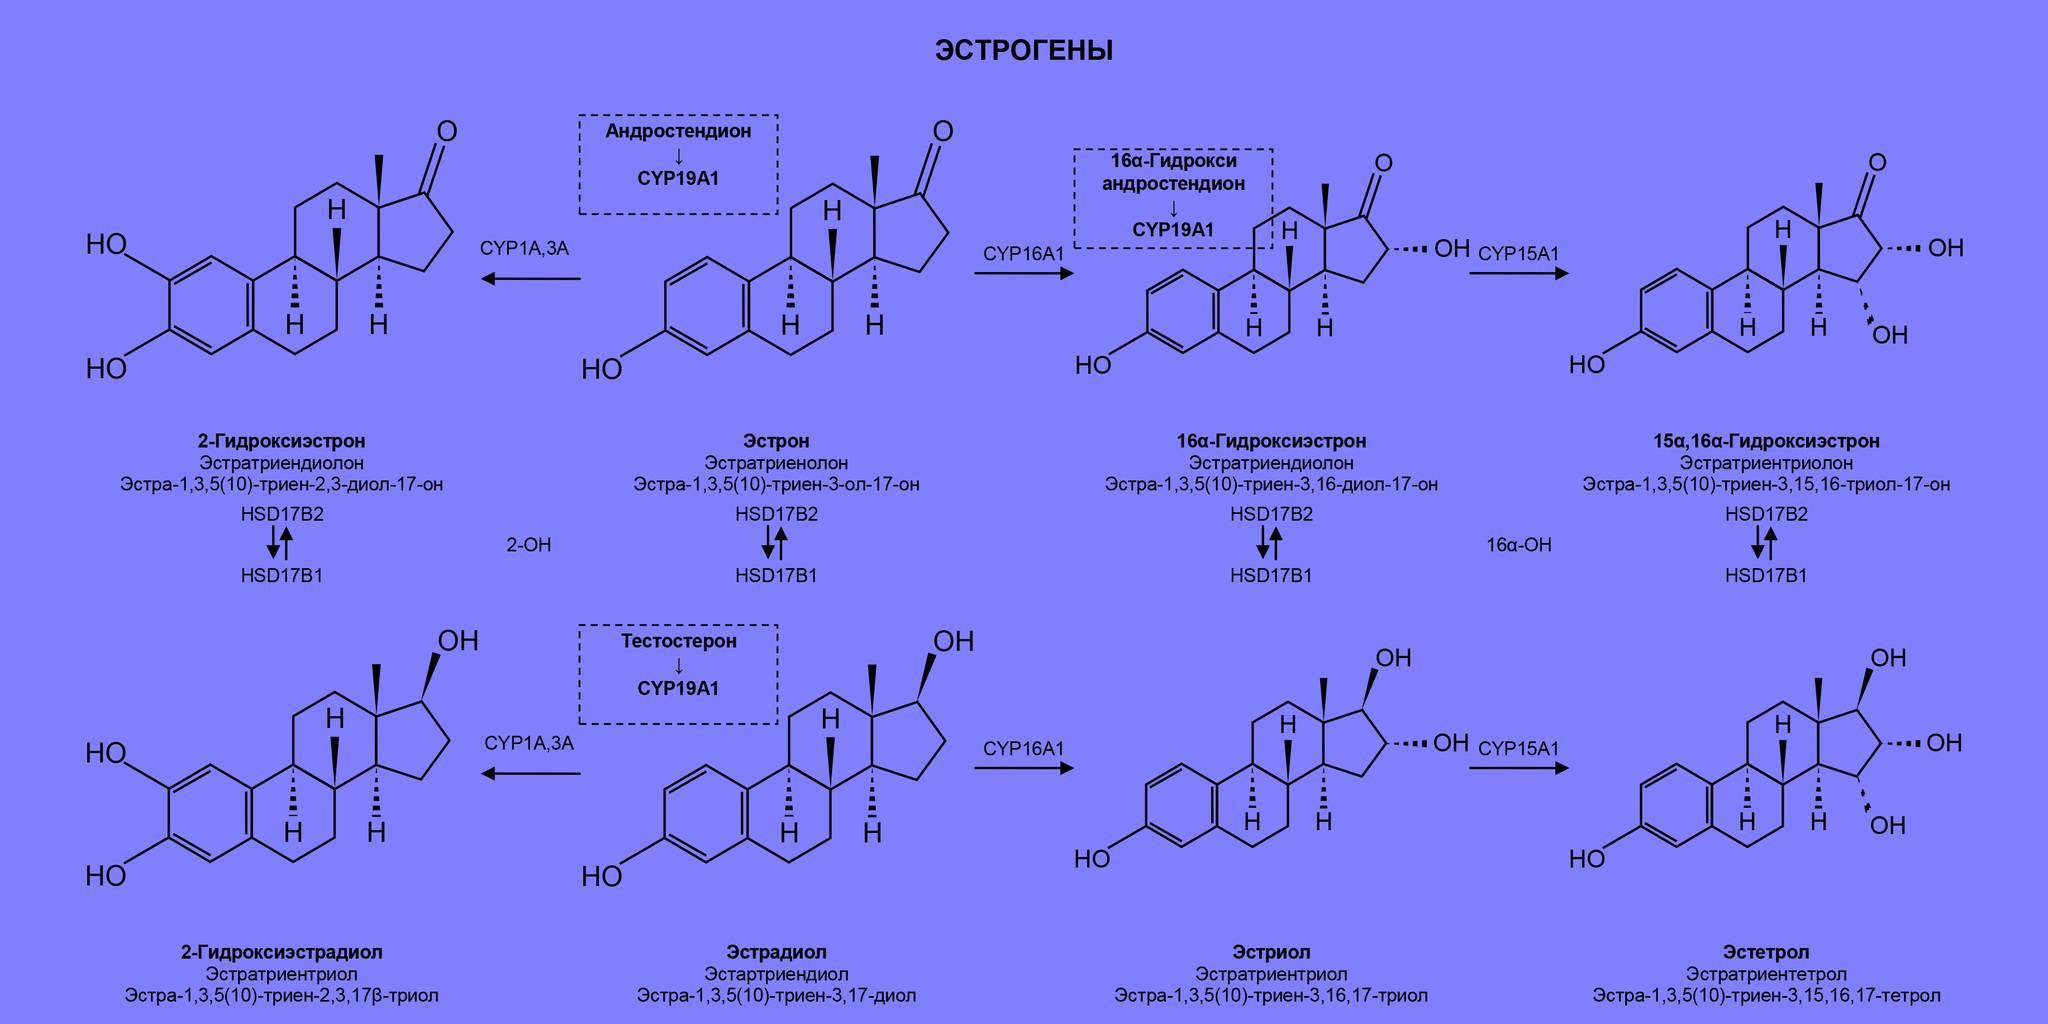 Тестостерон и гспг: причины и лечение отклонений глобулина от нормы